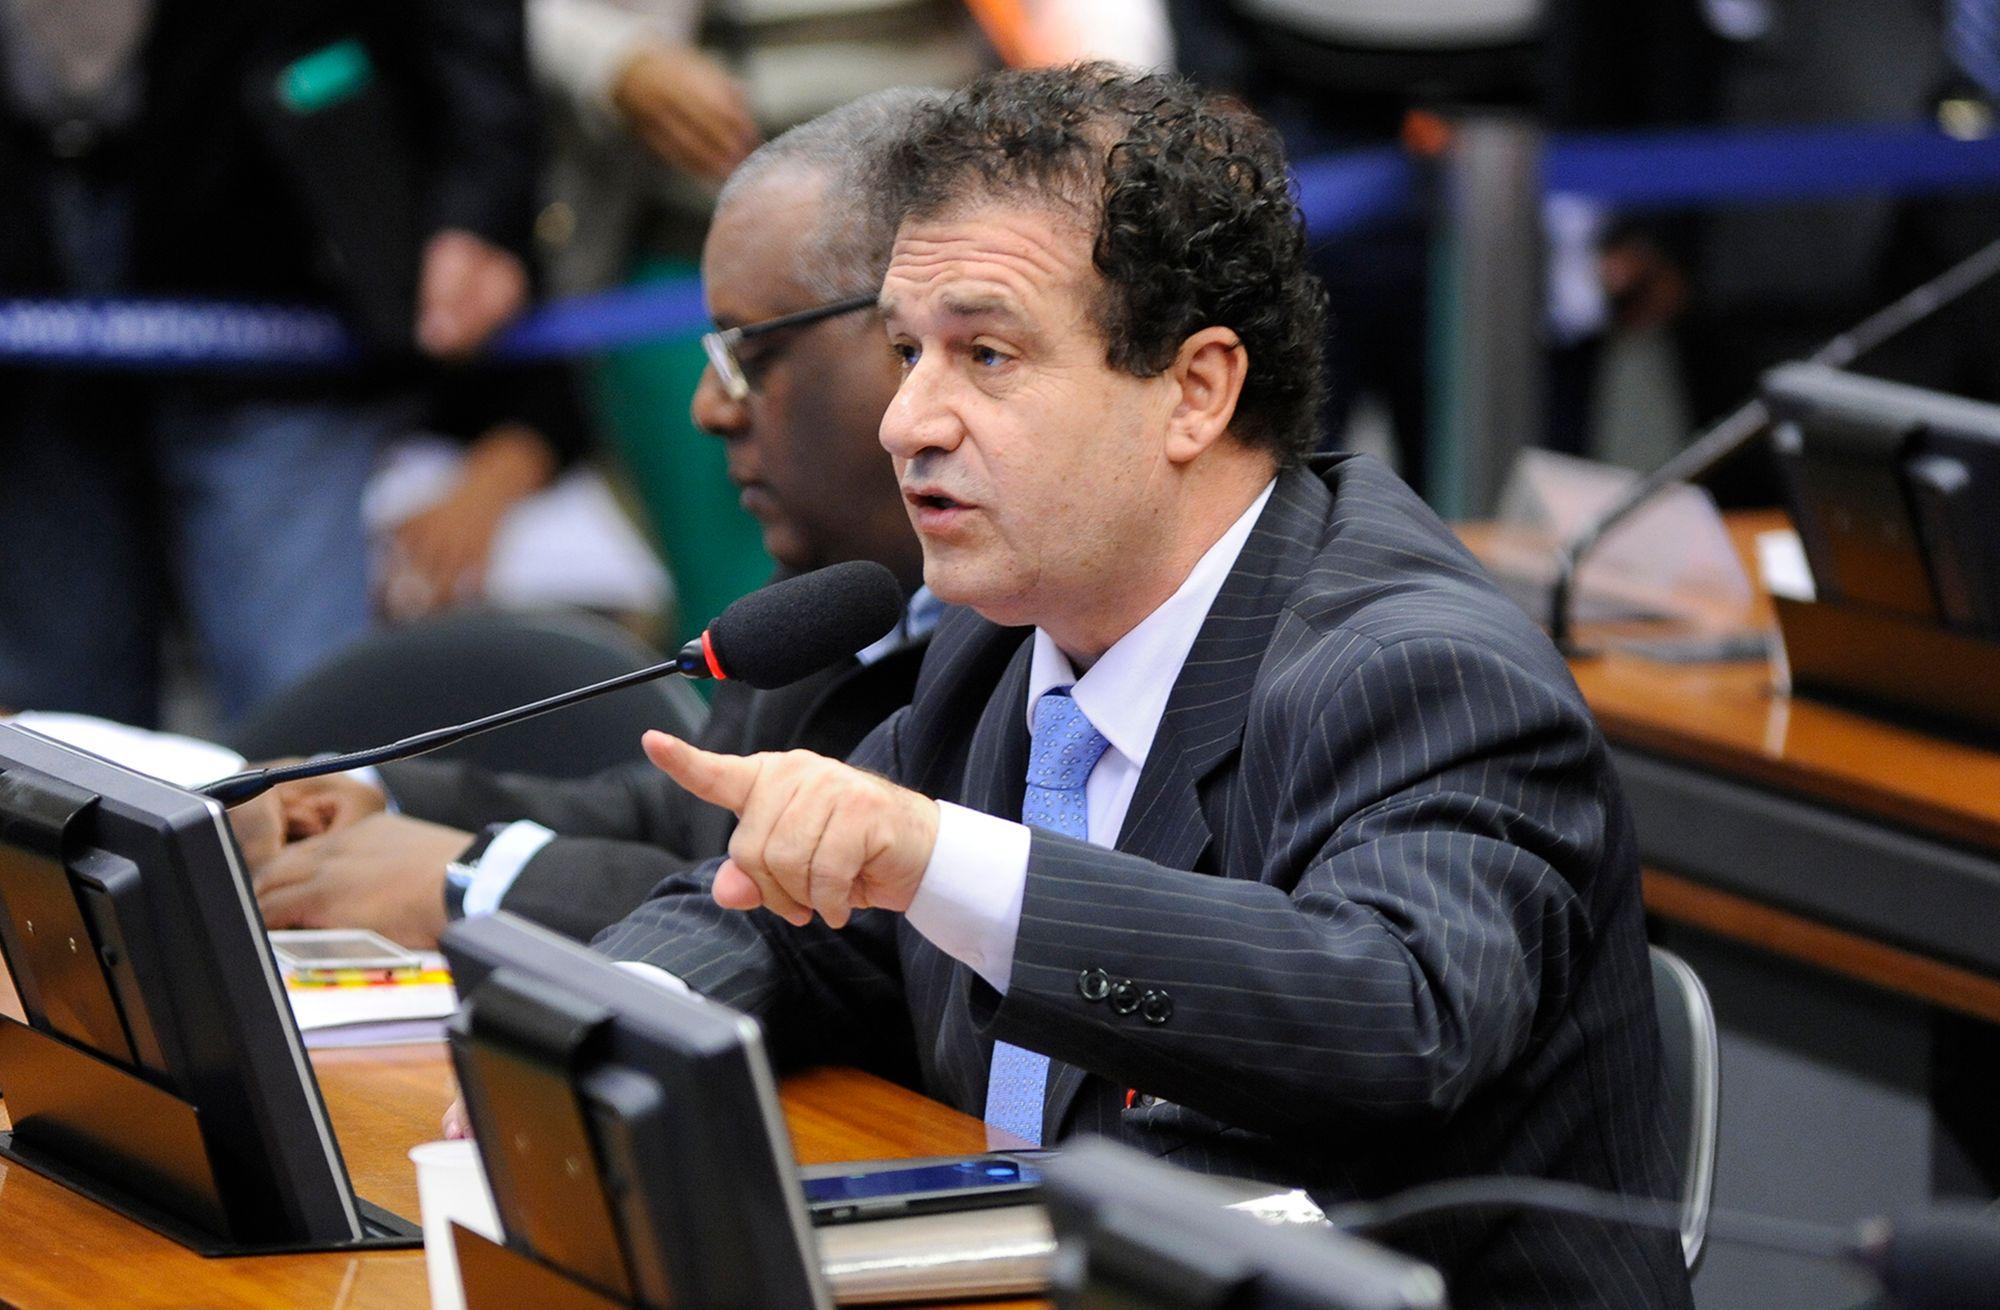 Deputado Pompeo apresenta 46 projetos para o combate a crise do coronavírus